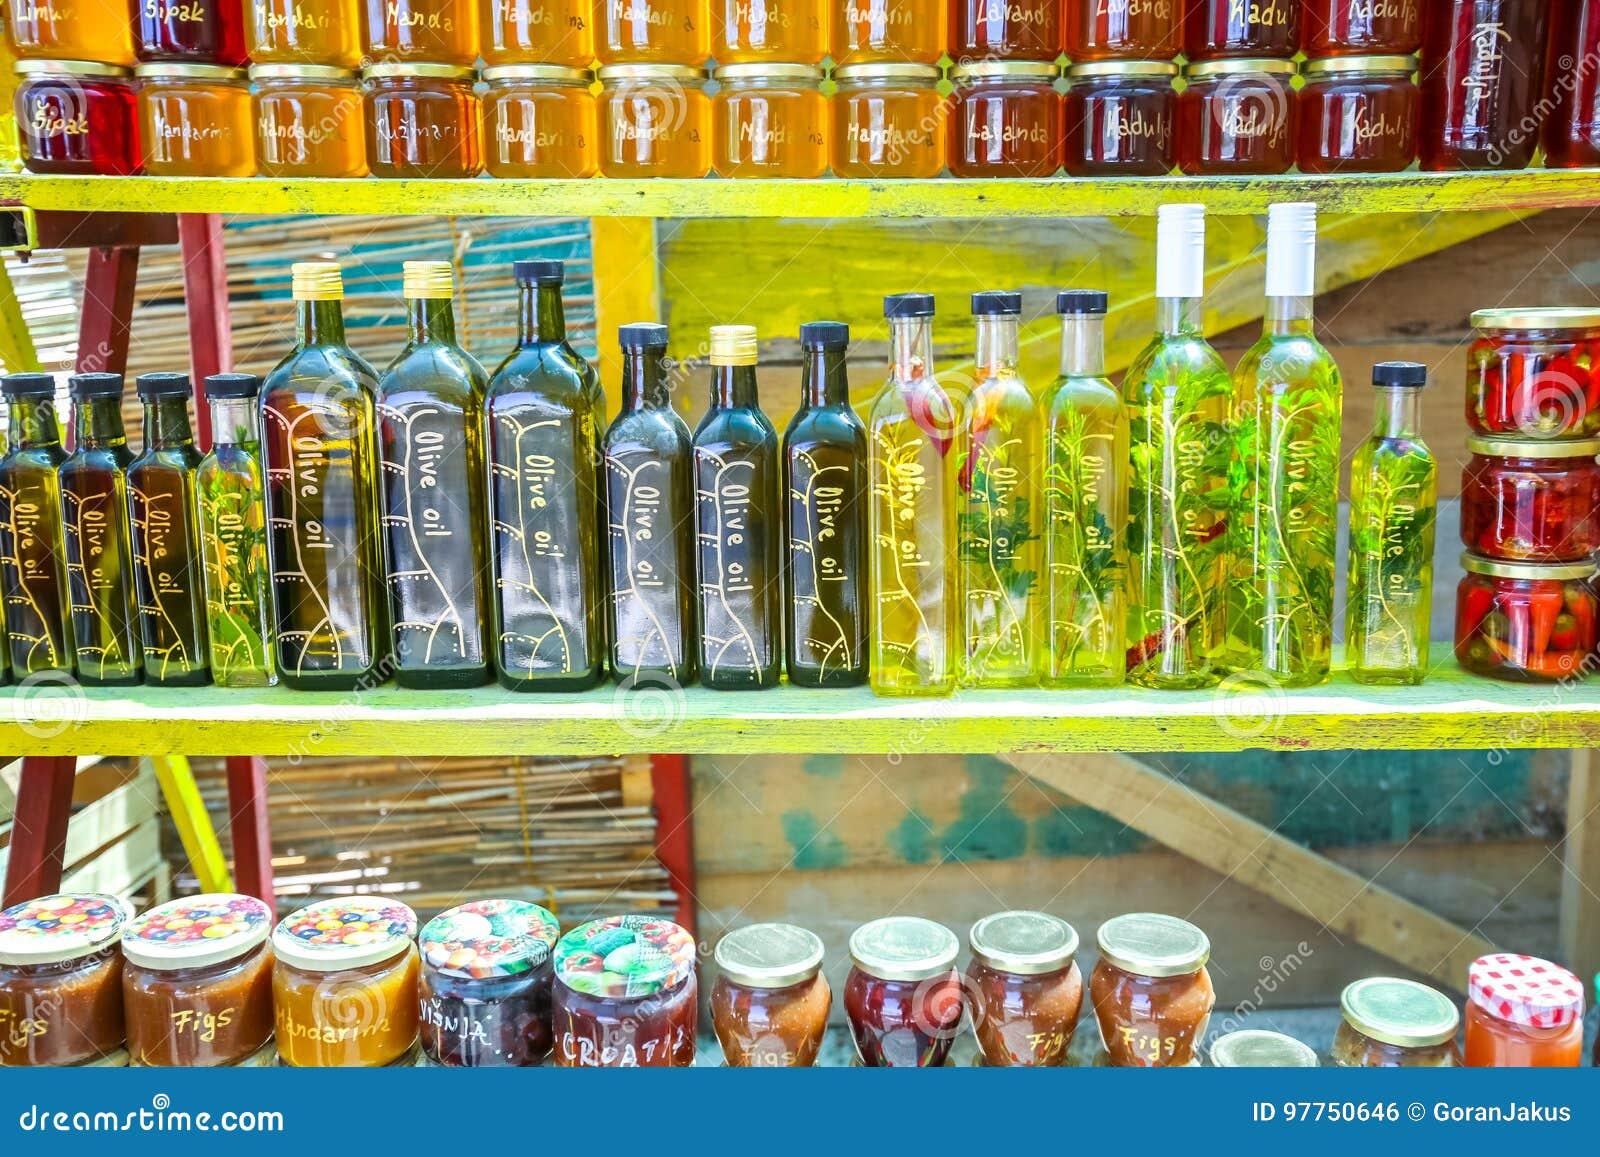 Produits Faits Maison Au Stand De Nourriture Photo Stock Image Du Stand Maison 97750646